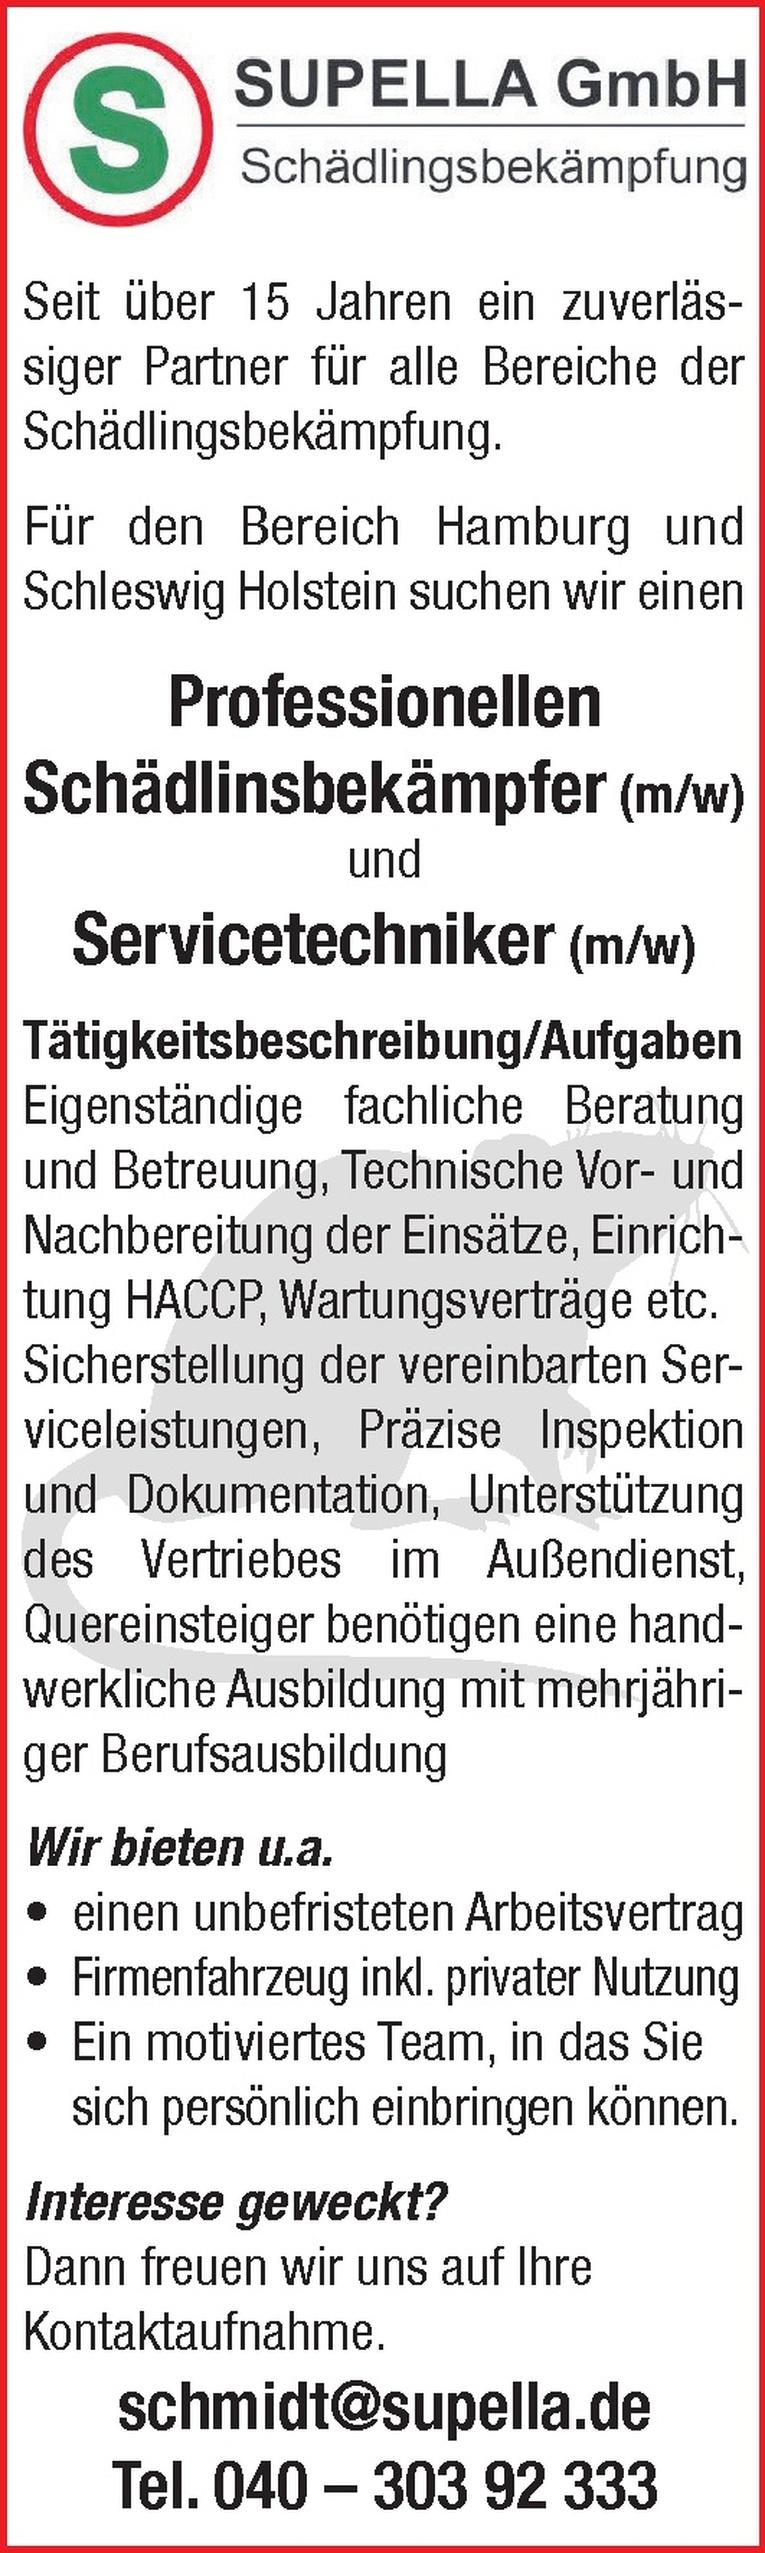 Schädlinsbekämpfer (m/w)